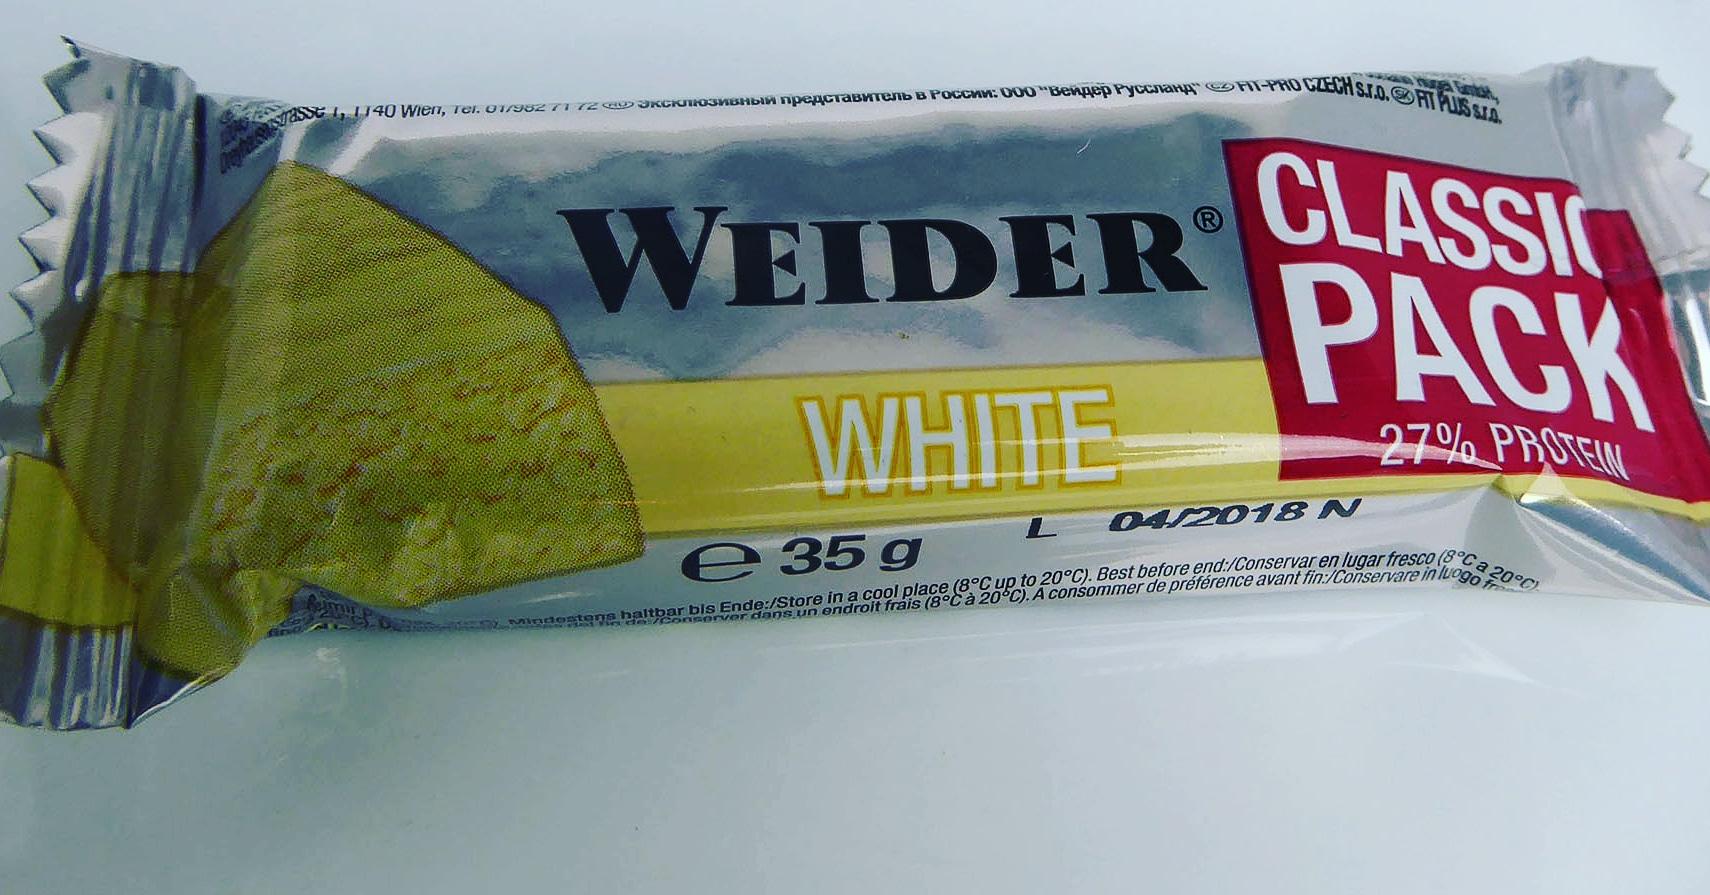 Weider Classic Pack White Proteinriegel Eiweißriegel